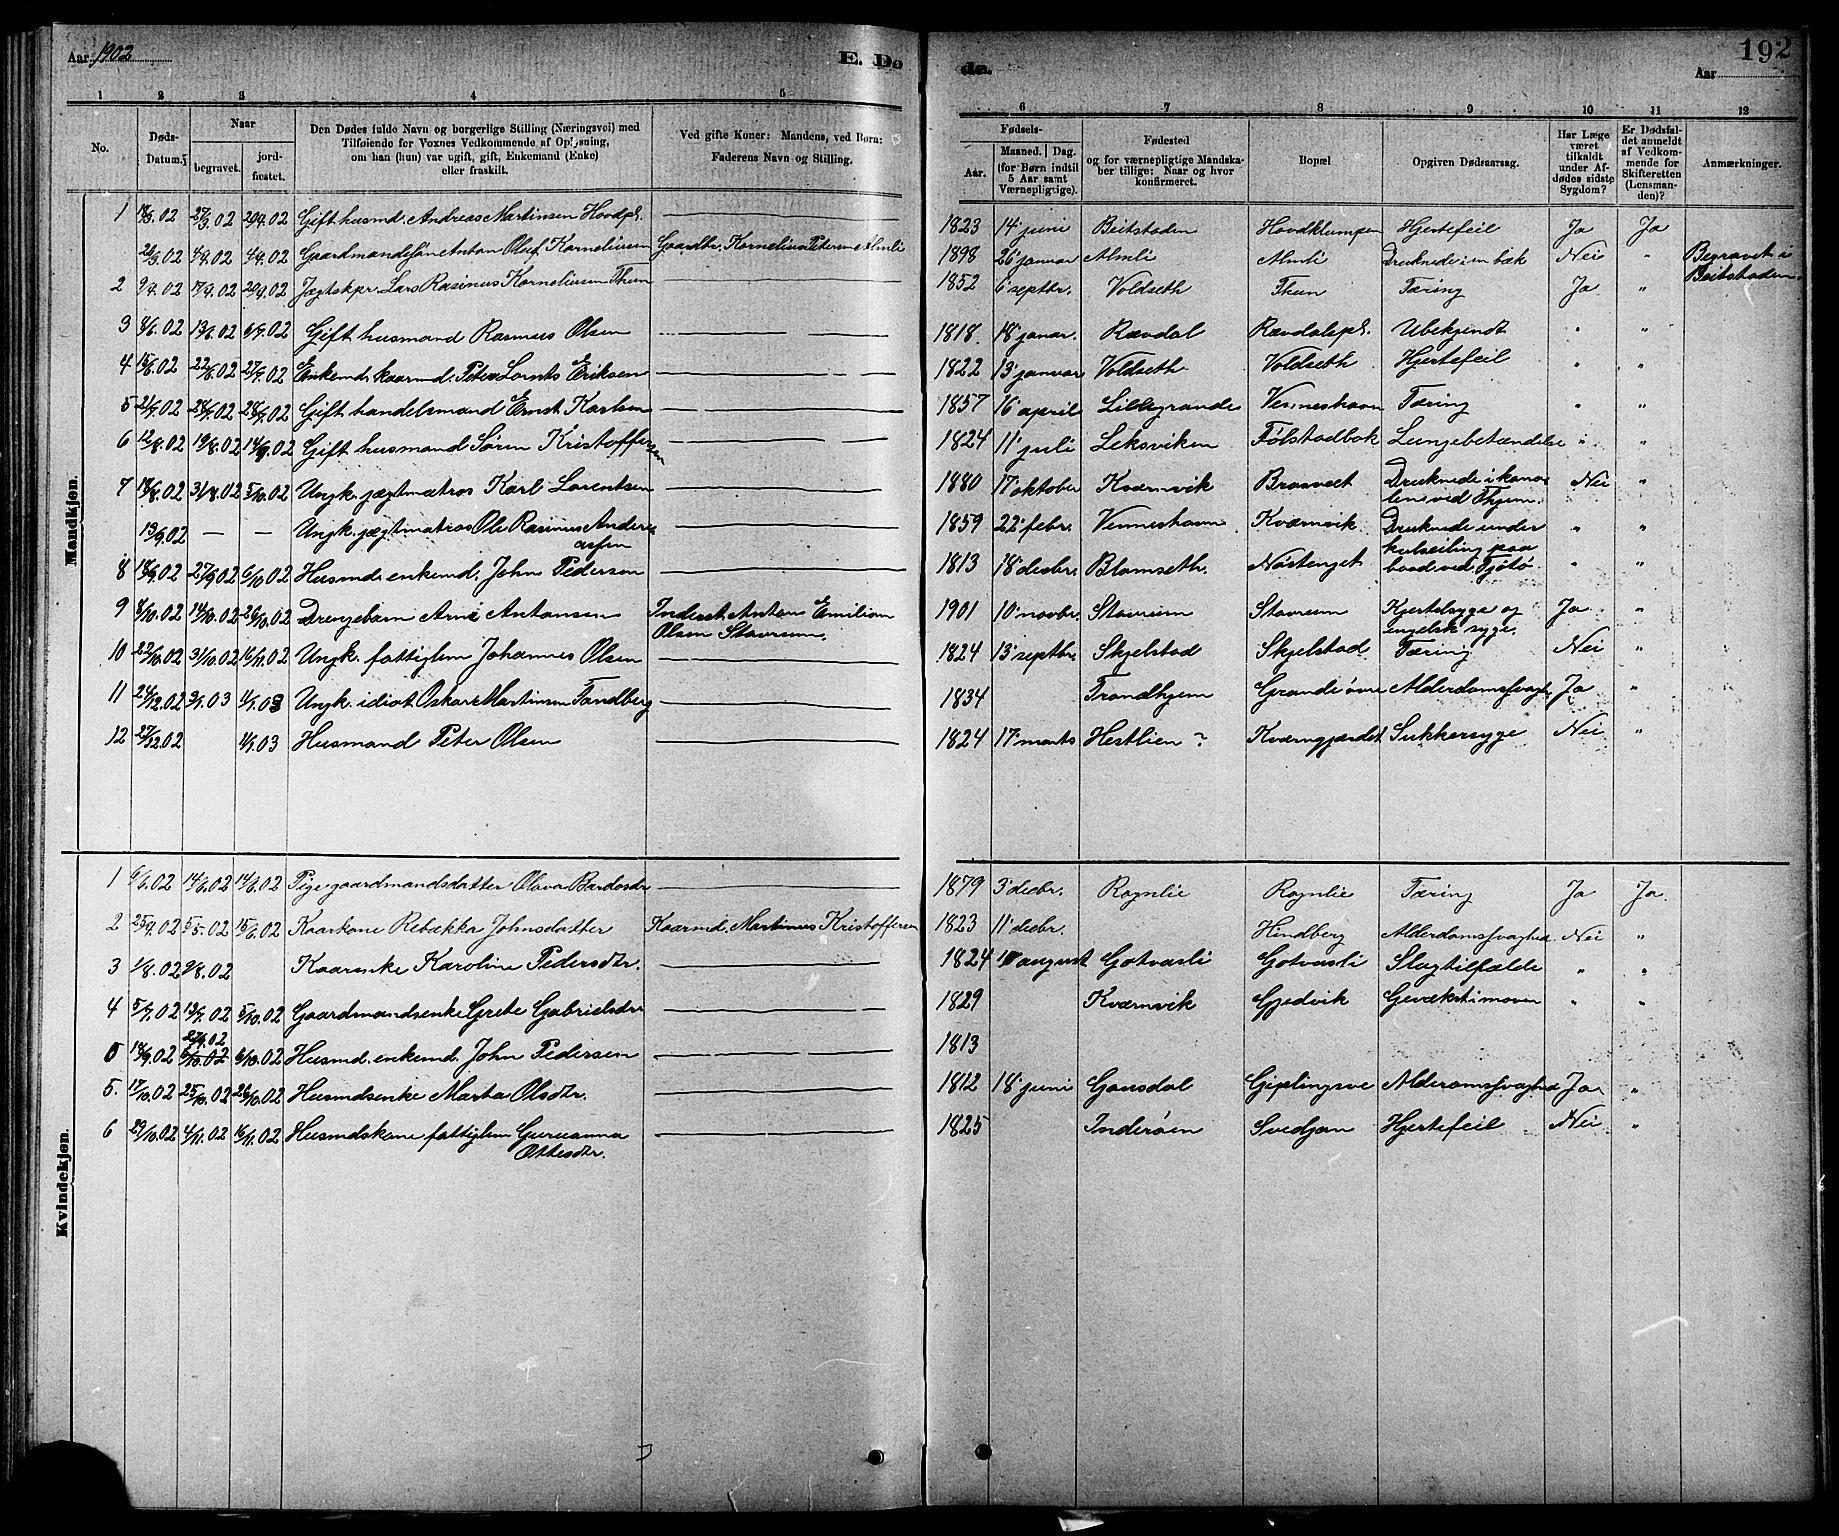 SAT, Ministerialprotokoller, klokkerbøker og fødselsregistre - Nord-Trøndelag, 744/L0423: Klokkerbok nr. 744C02, 1886-1905, s. 192